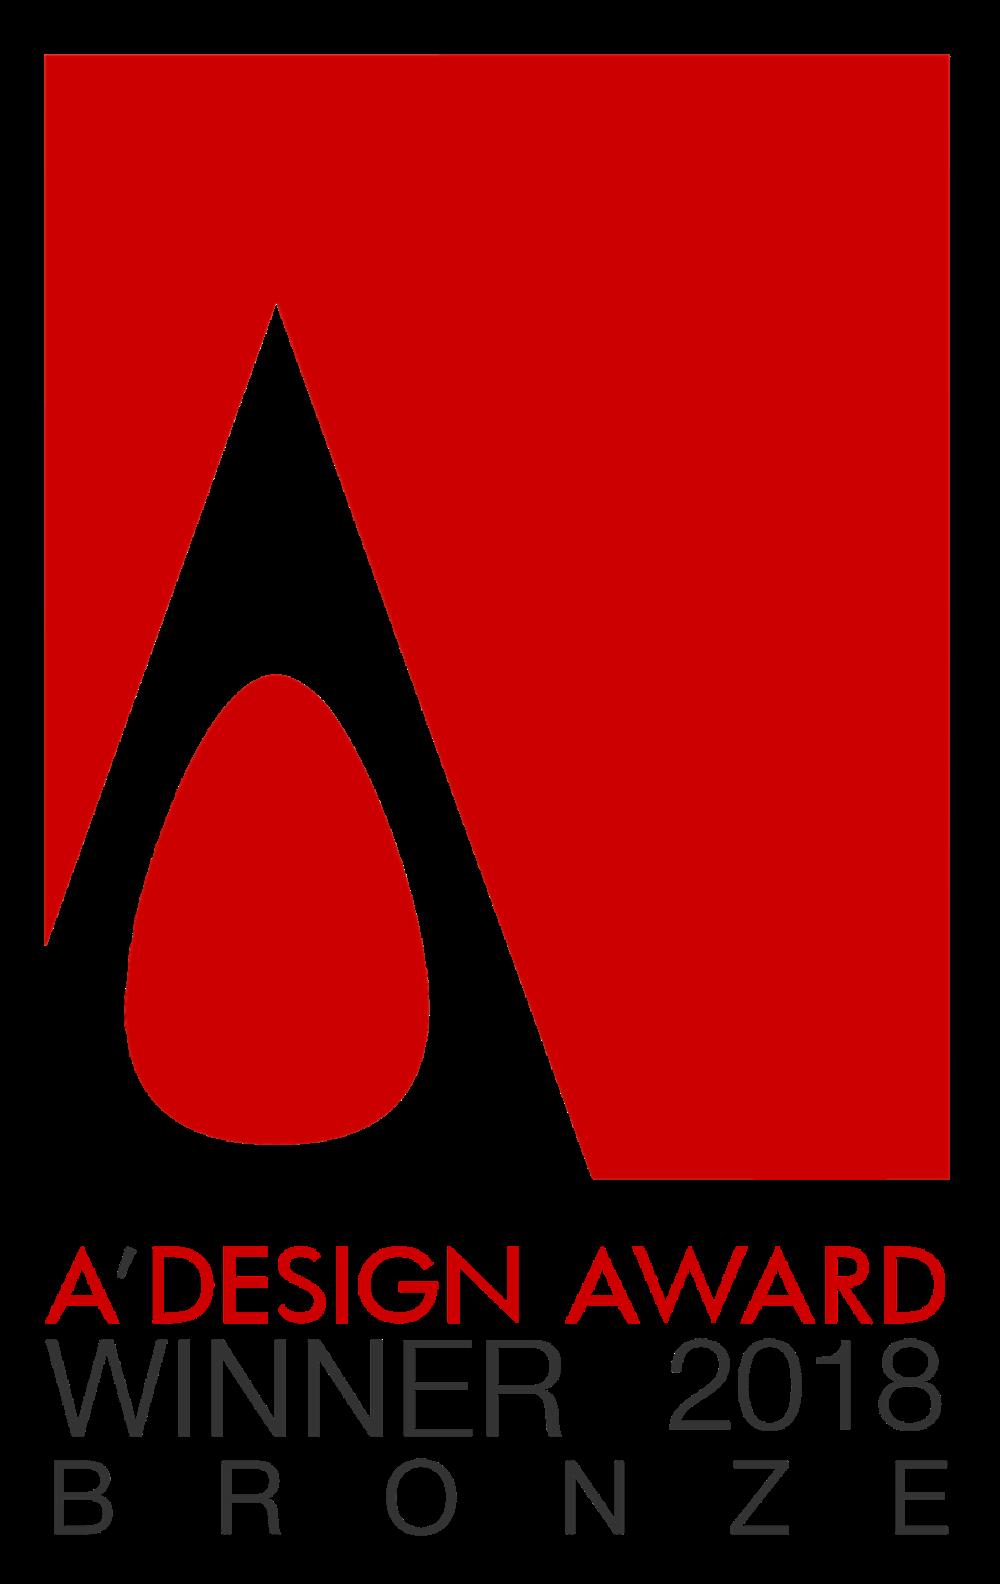 Bronze A Design Awart